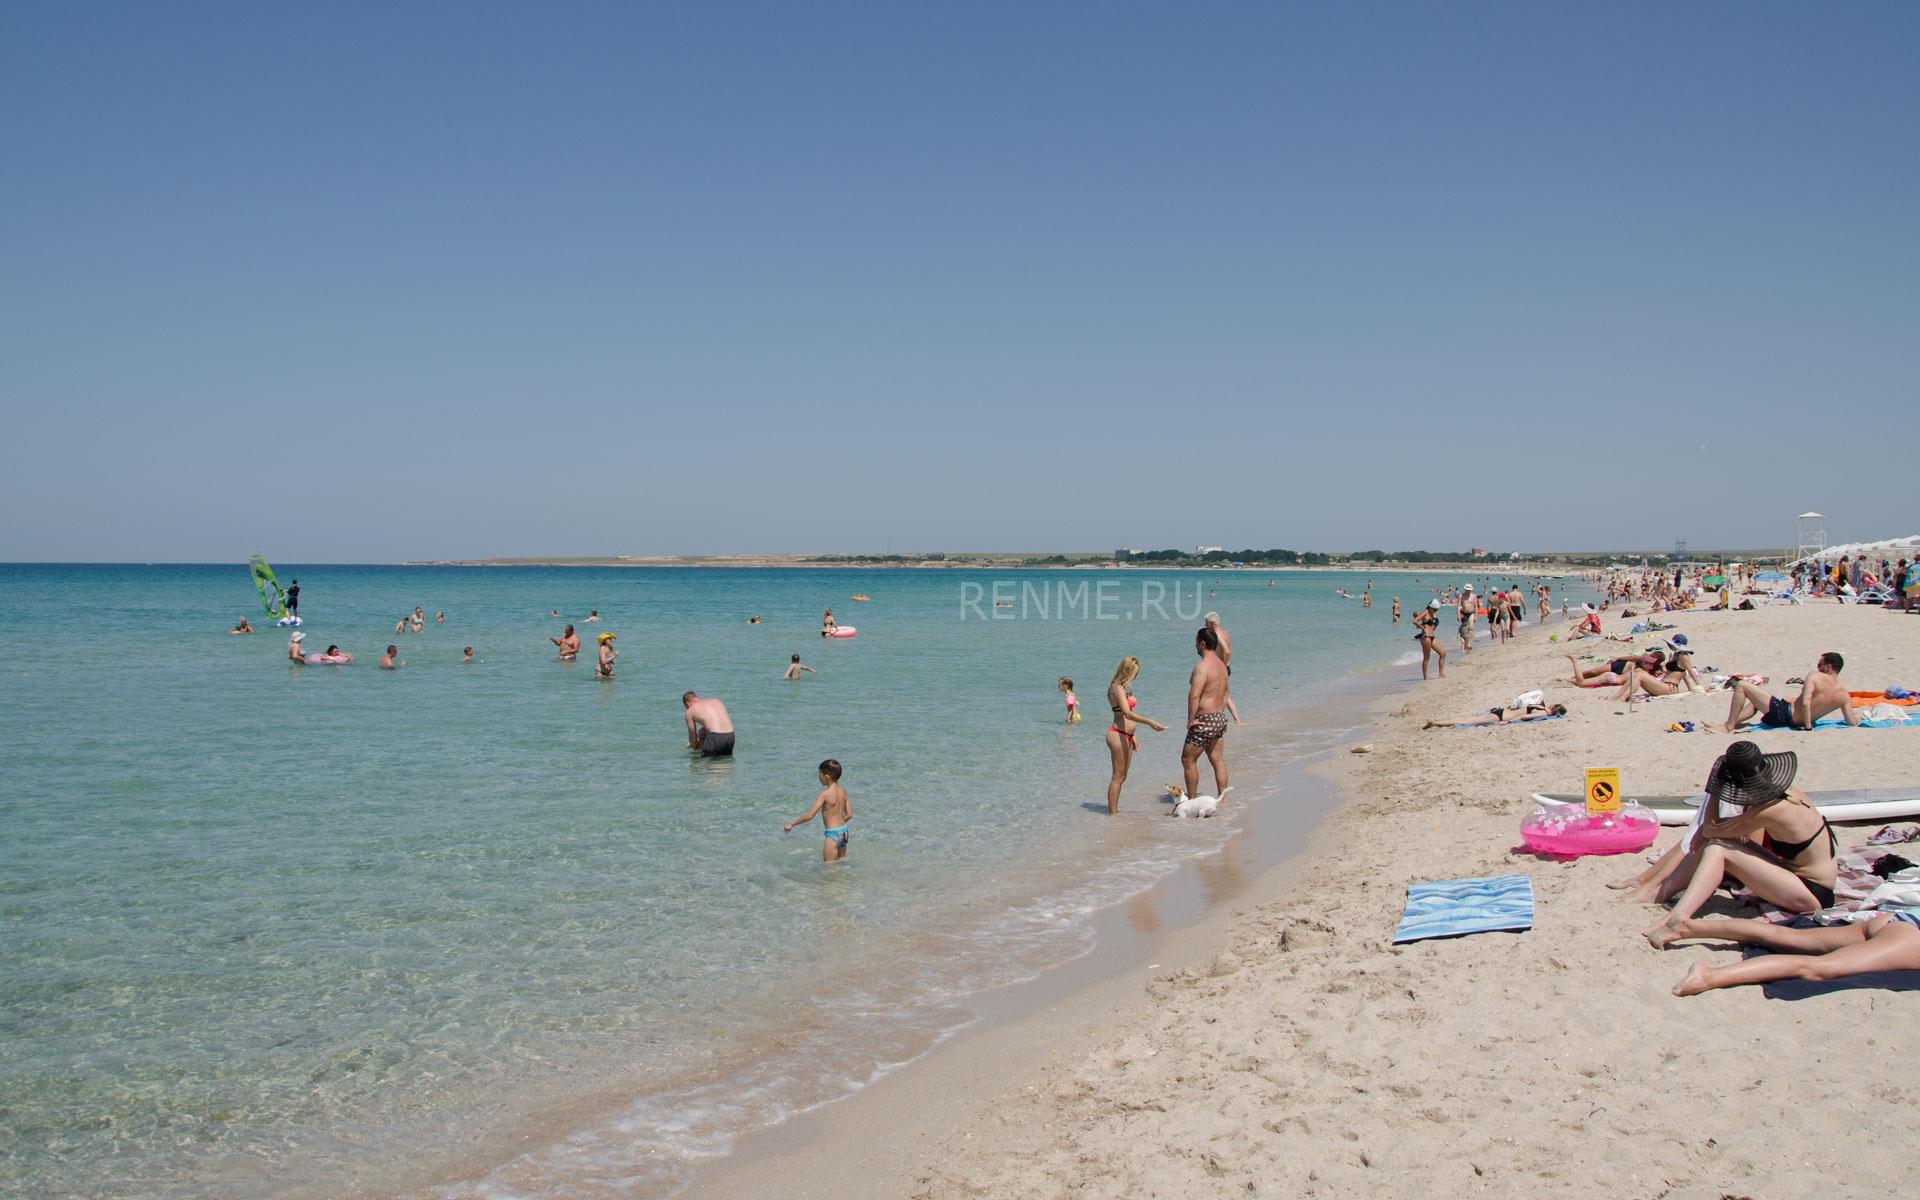 """Пляж """"Майами"""" в Оленевке летом 2019. Фото Оленевки"""